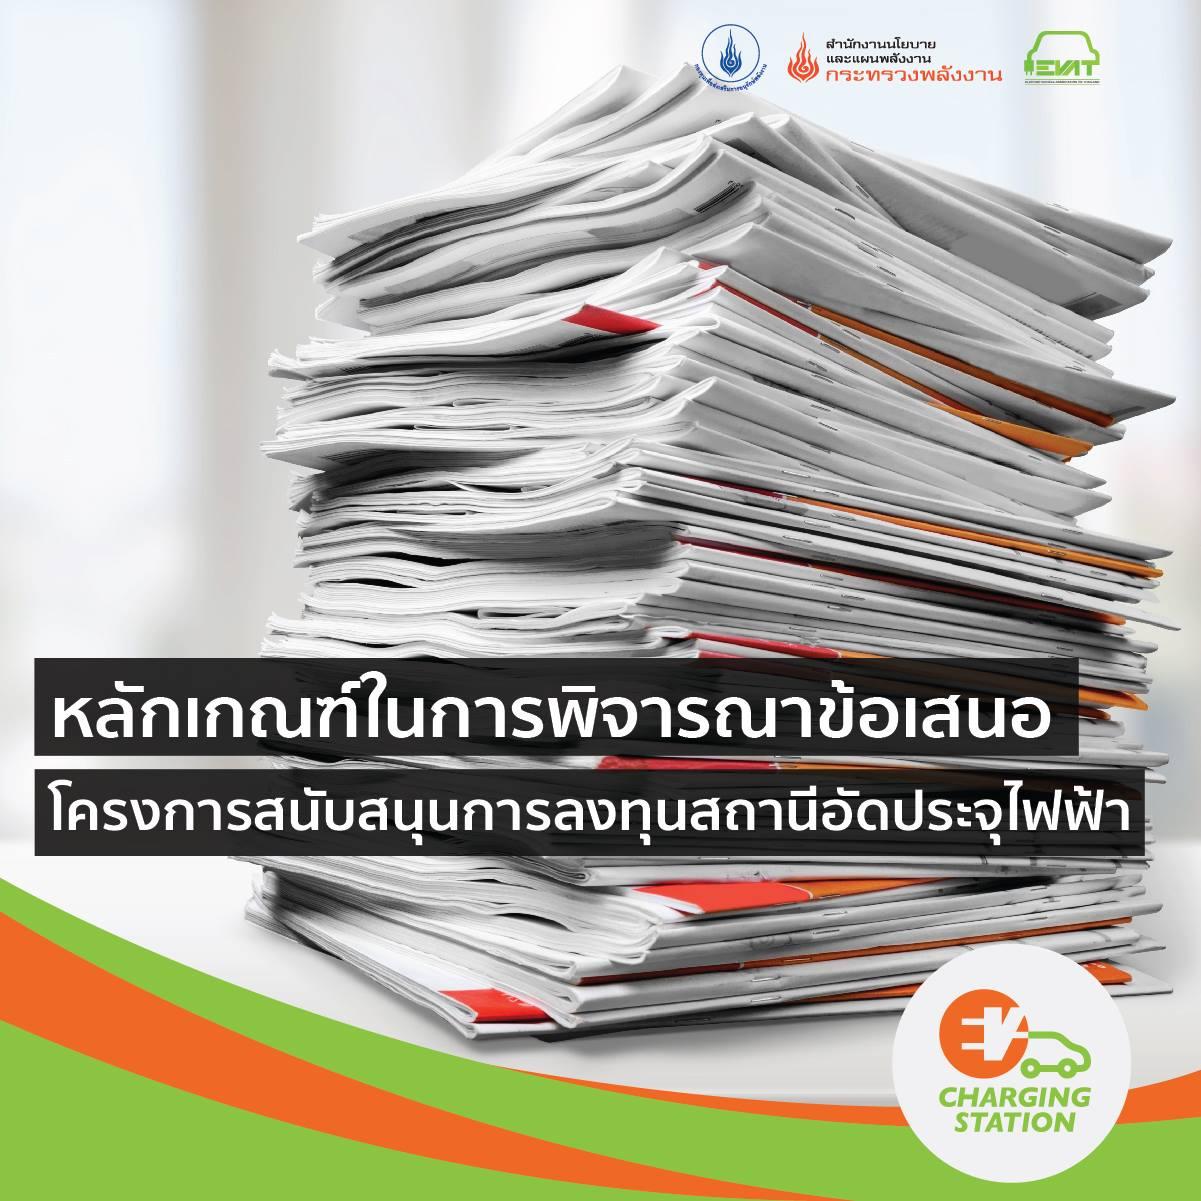 หลักเกณฑ์ในการพิจารณาข้อเสนอ โครงการสนับสนุนการลงทุนสถานีอัดประจุไฟฟ้า